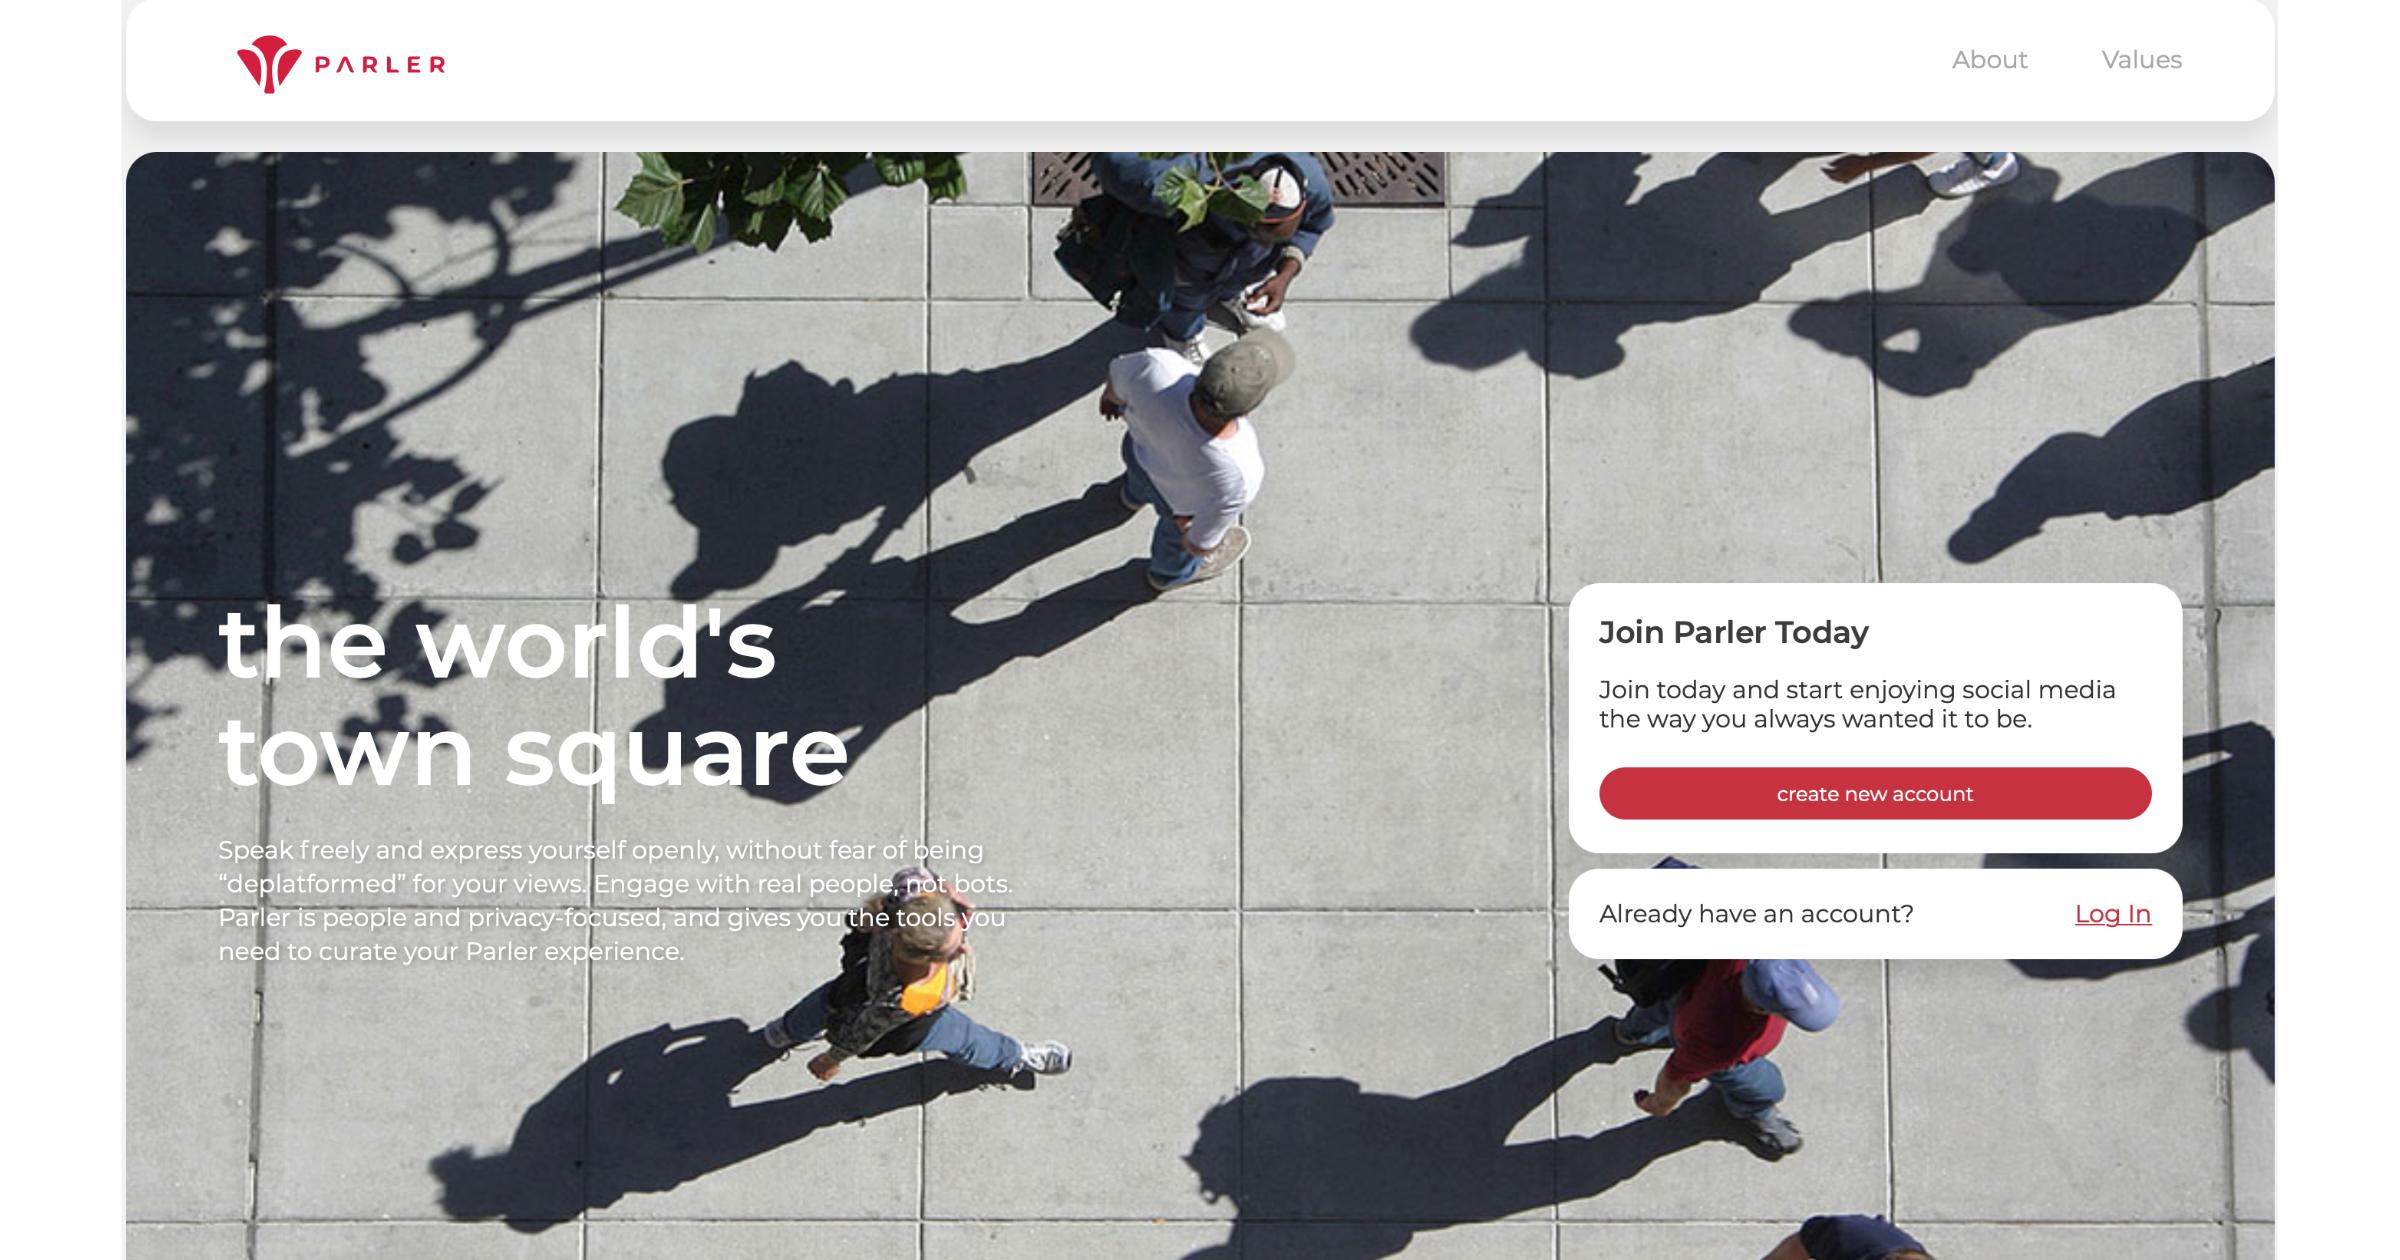 Parler webpage